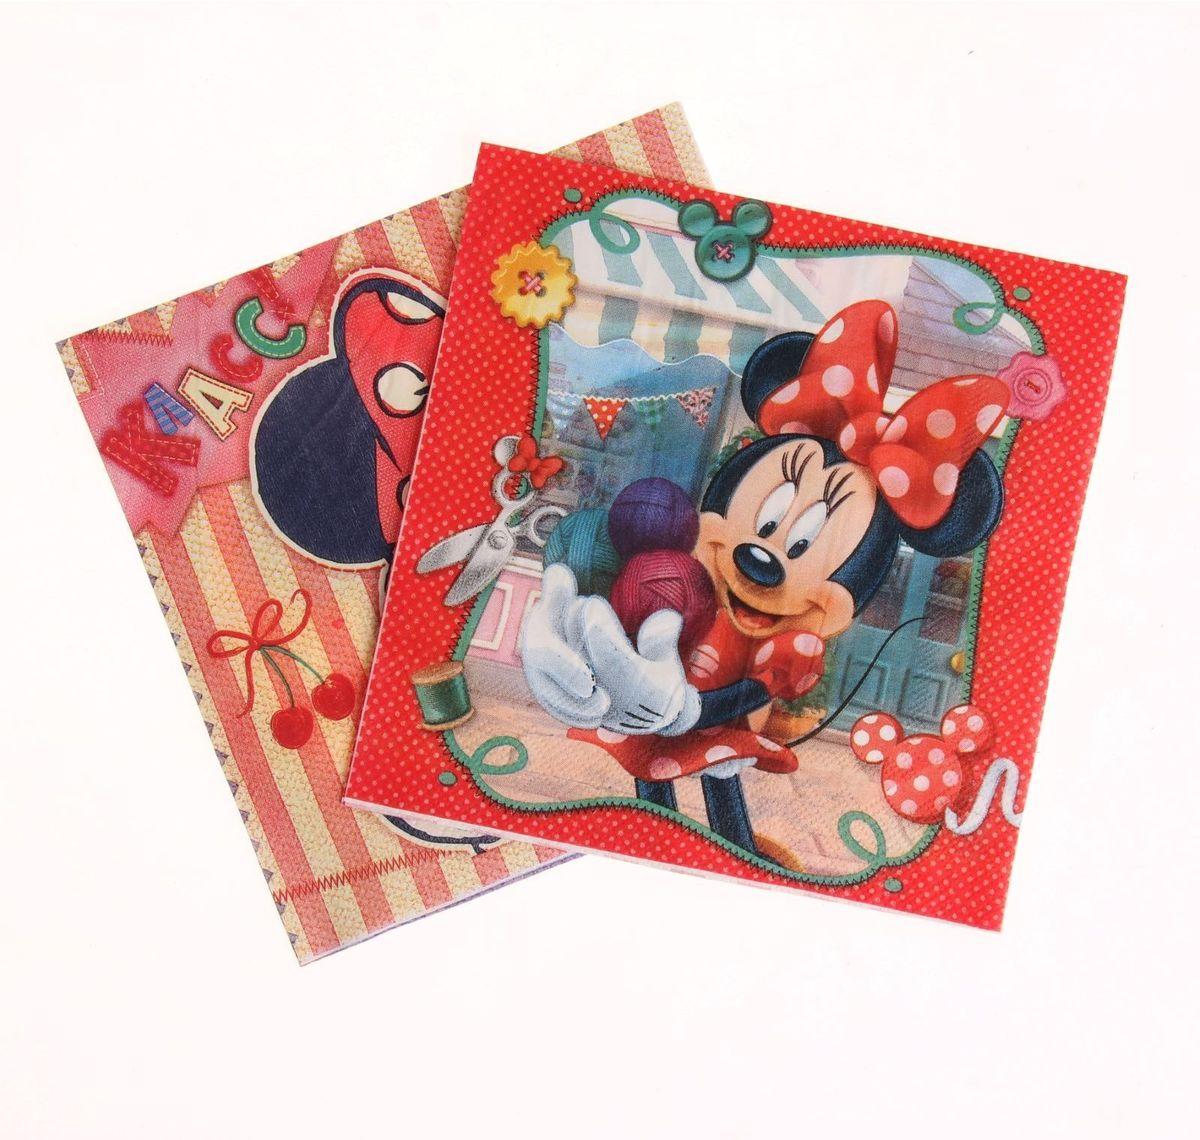 Набор салфеток для декупажа Disney Минни Маус. Мастерица, 33 х 33 см, 2 шт97775318Набор салфеток для декупажа изготовлен из тонкой, но качественной бумаги. Легко приклеится к основе и сохранит при этом насыщенность красок и четкость линий.Создавайте свои уникальные шедевры!